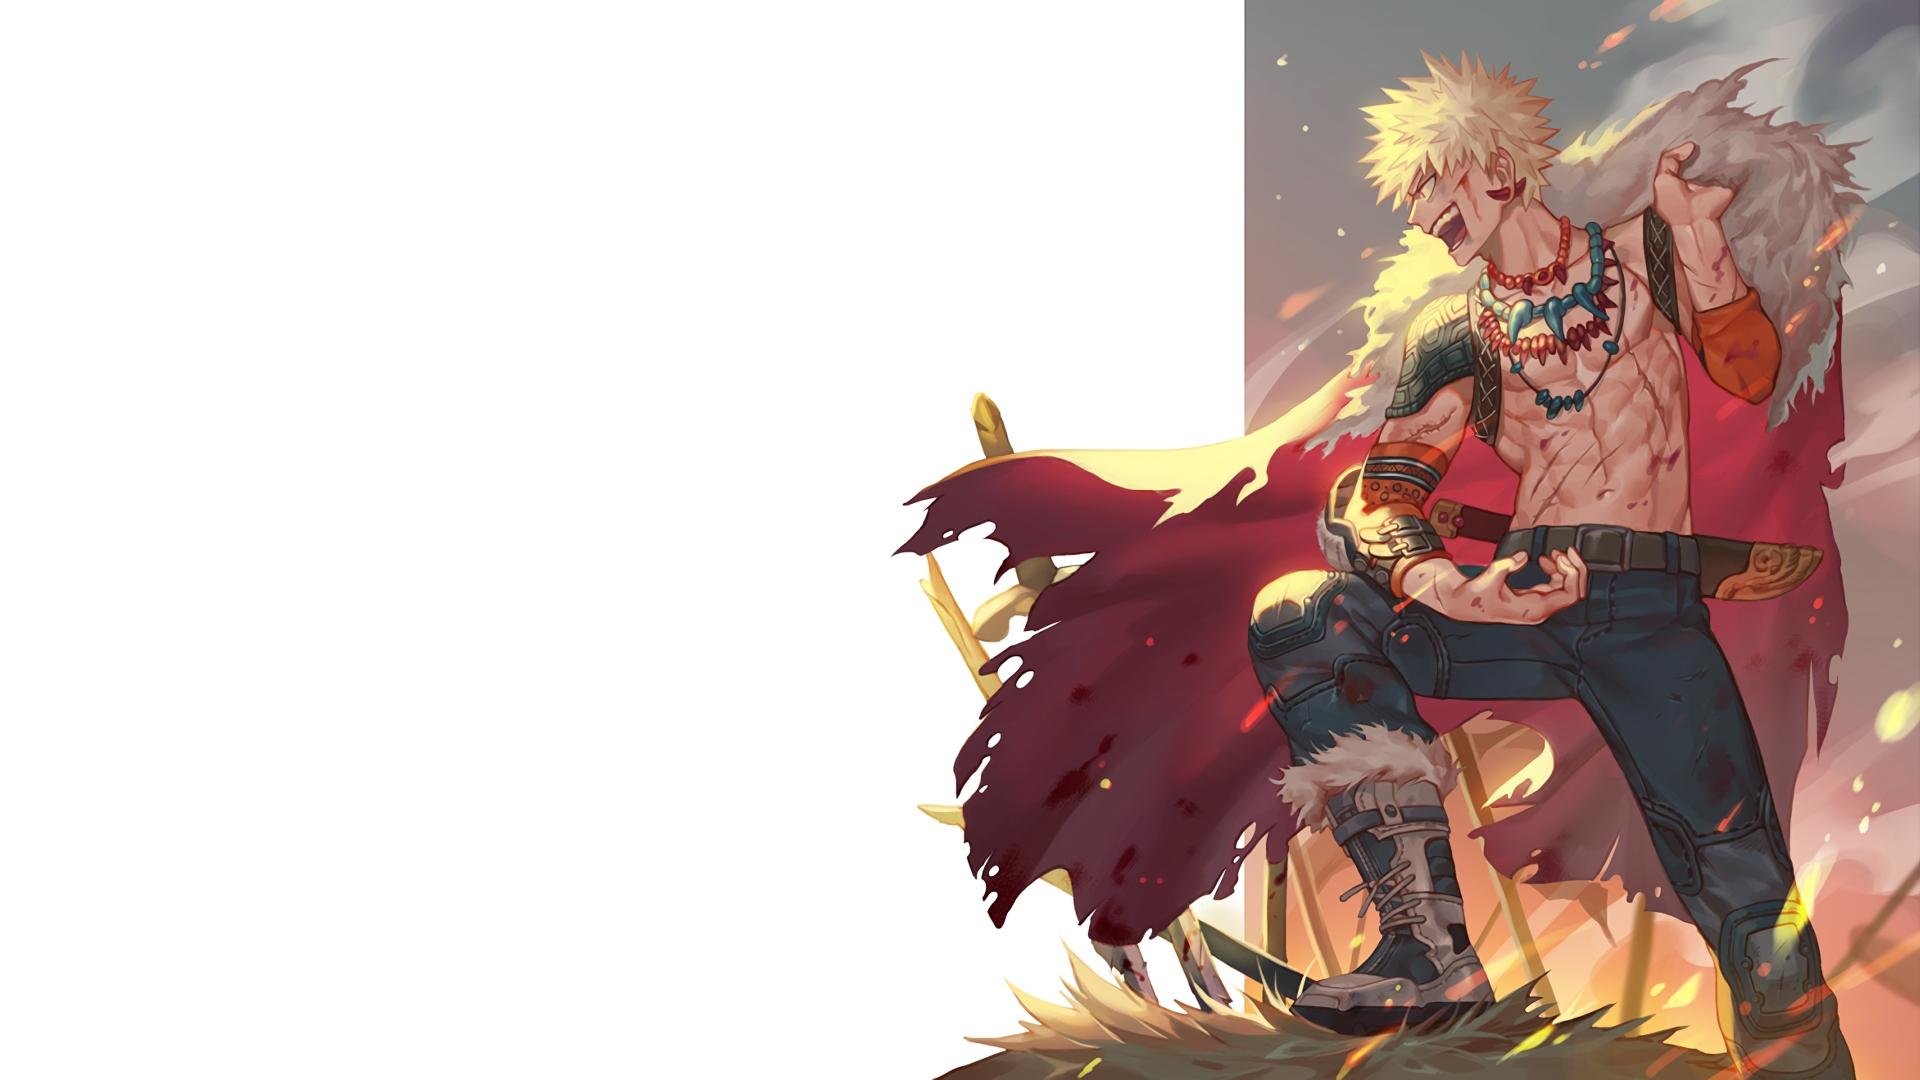 Hd Superhero Wallpapers For Pc Desktop Wallpaper Happy Katsuki Bakugou Boku No Hero